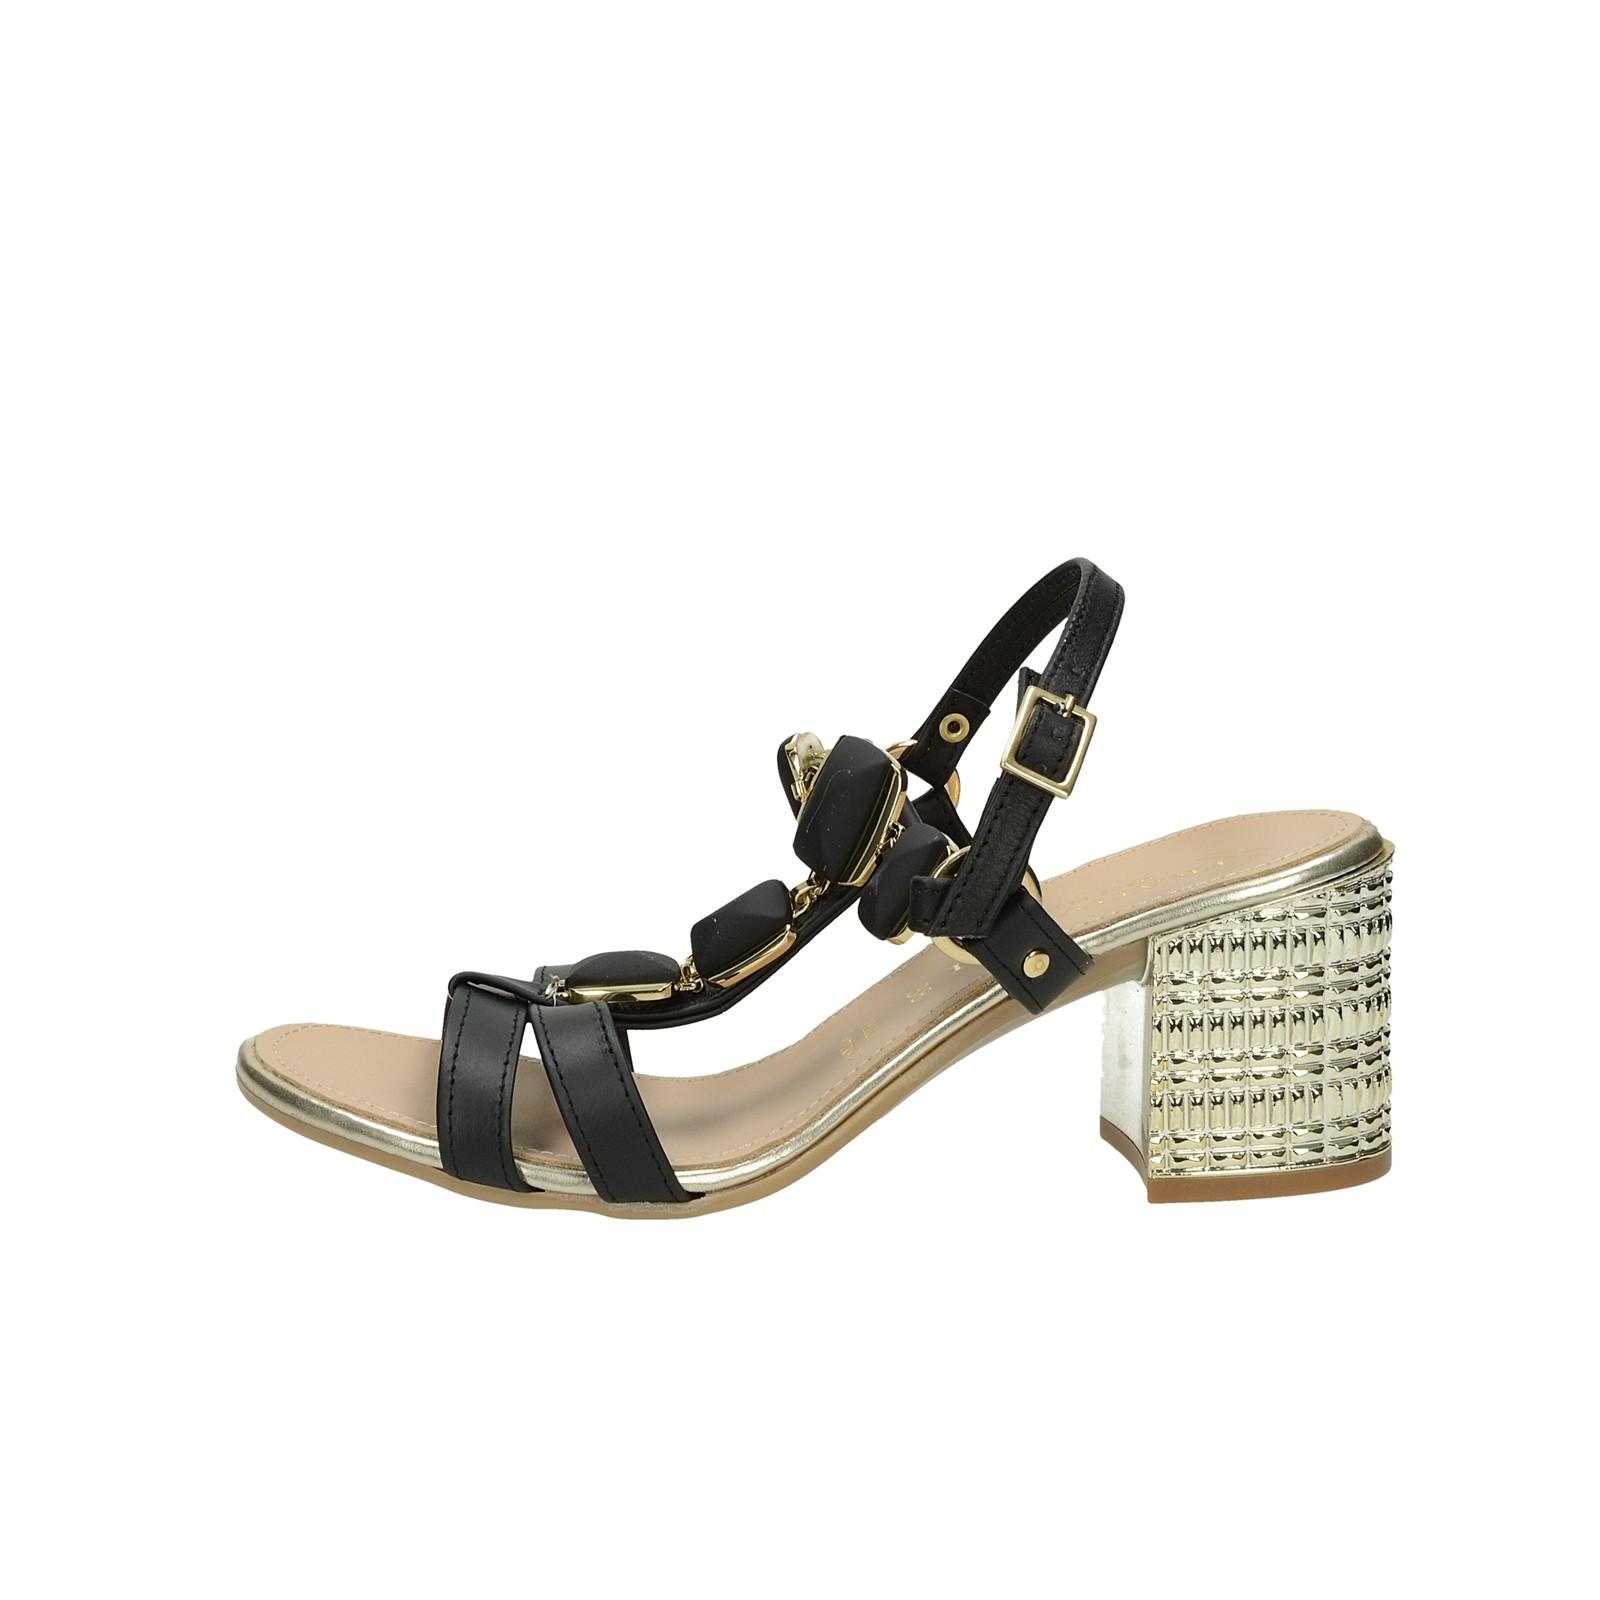 9a546218847e7 Prativerdi dámske kožené elegantné sandále - čierne Prativerdi dámske  kožené elegantné sandále - čierne ...